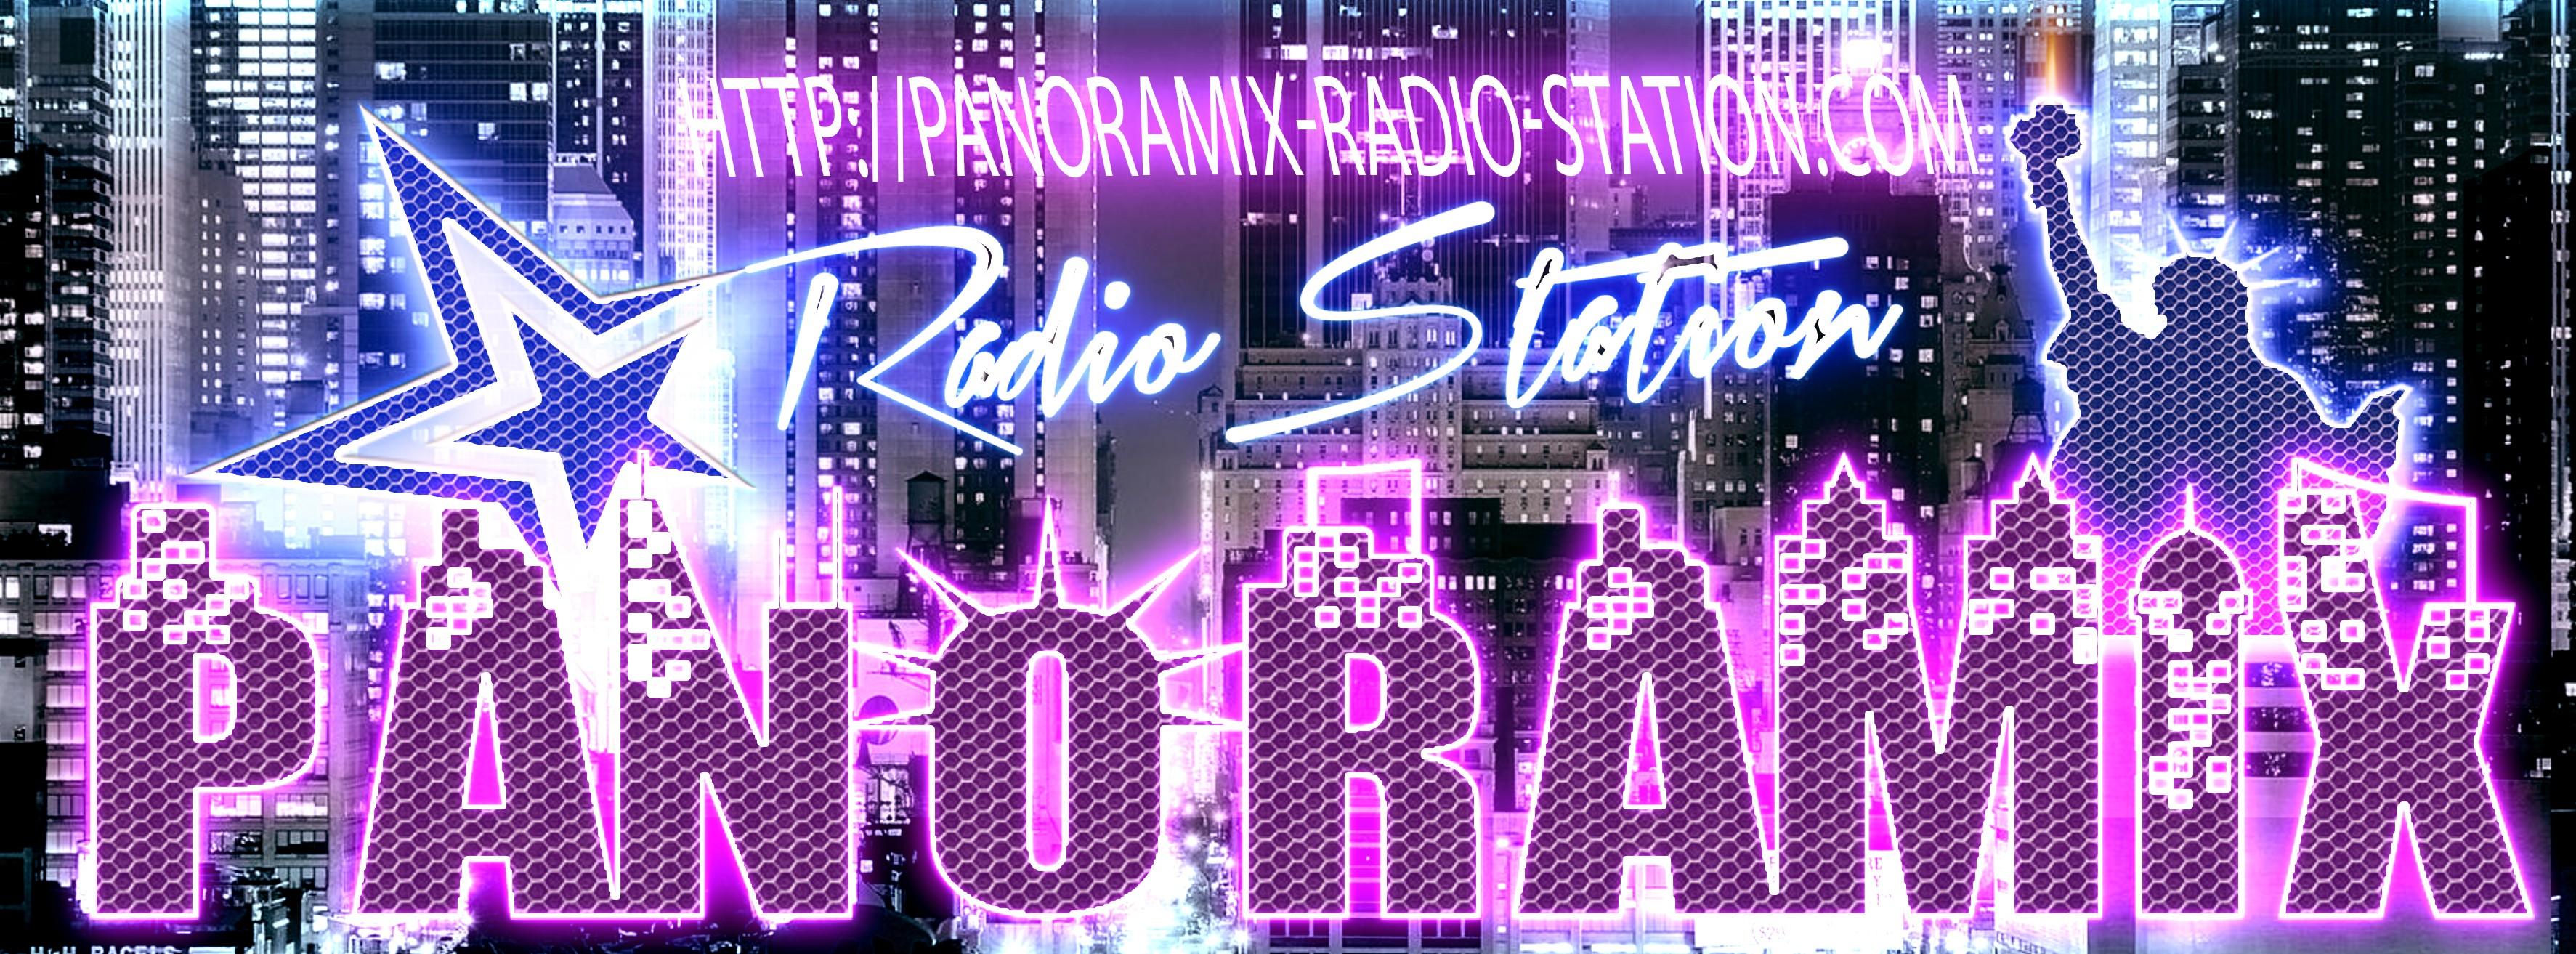 http://panoramix-radio-station.com/wp-content/uploads/2017/07/NEON-PANORAMIX-banniere-__o2017-PANO.jpg